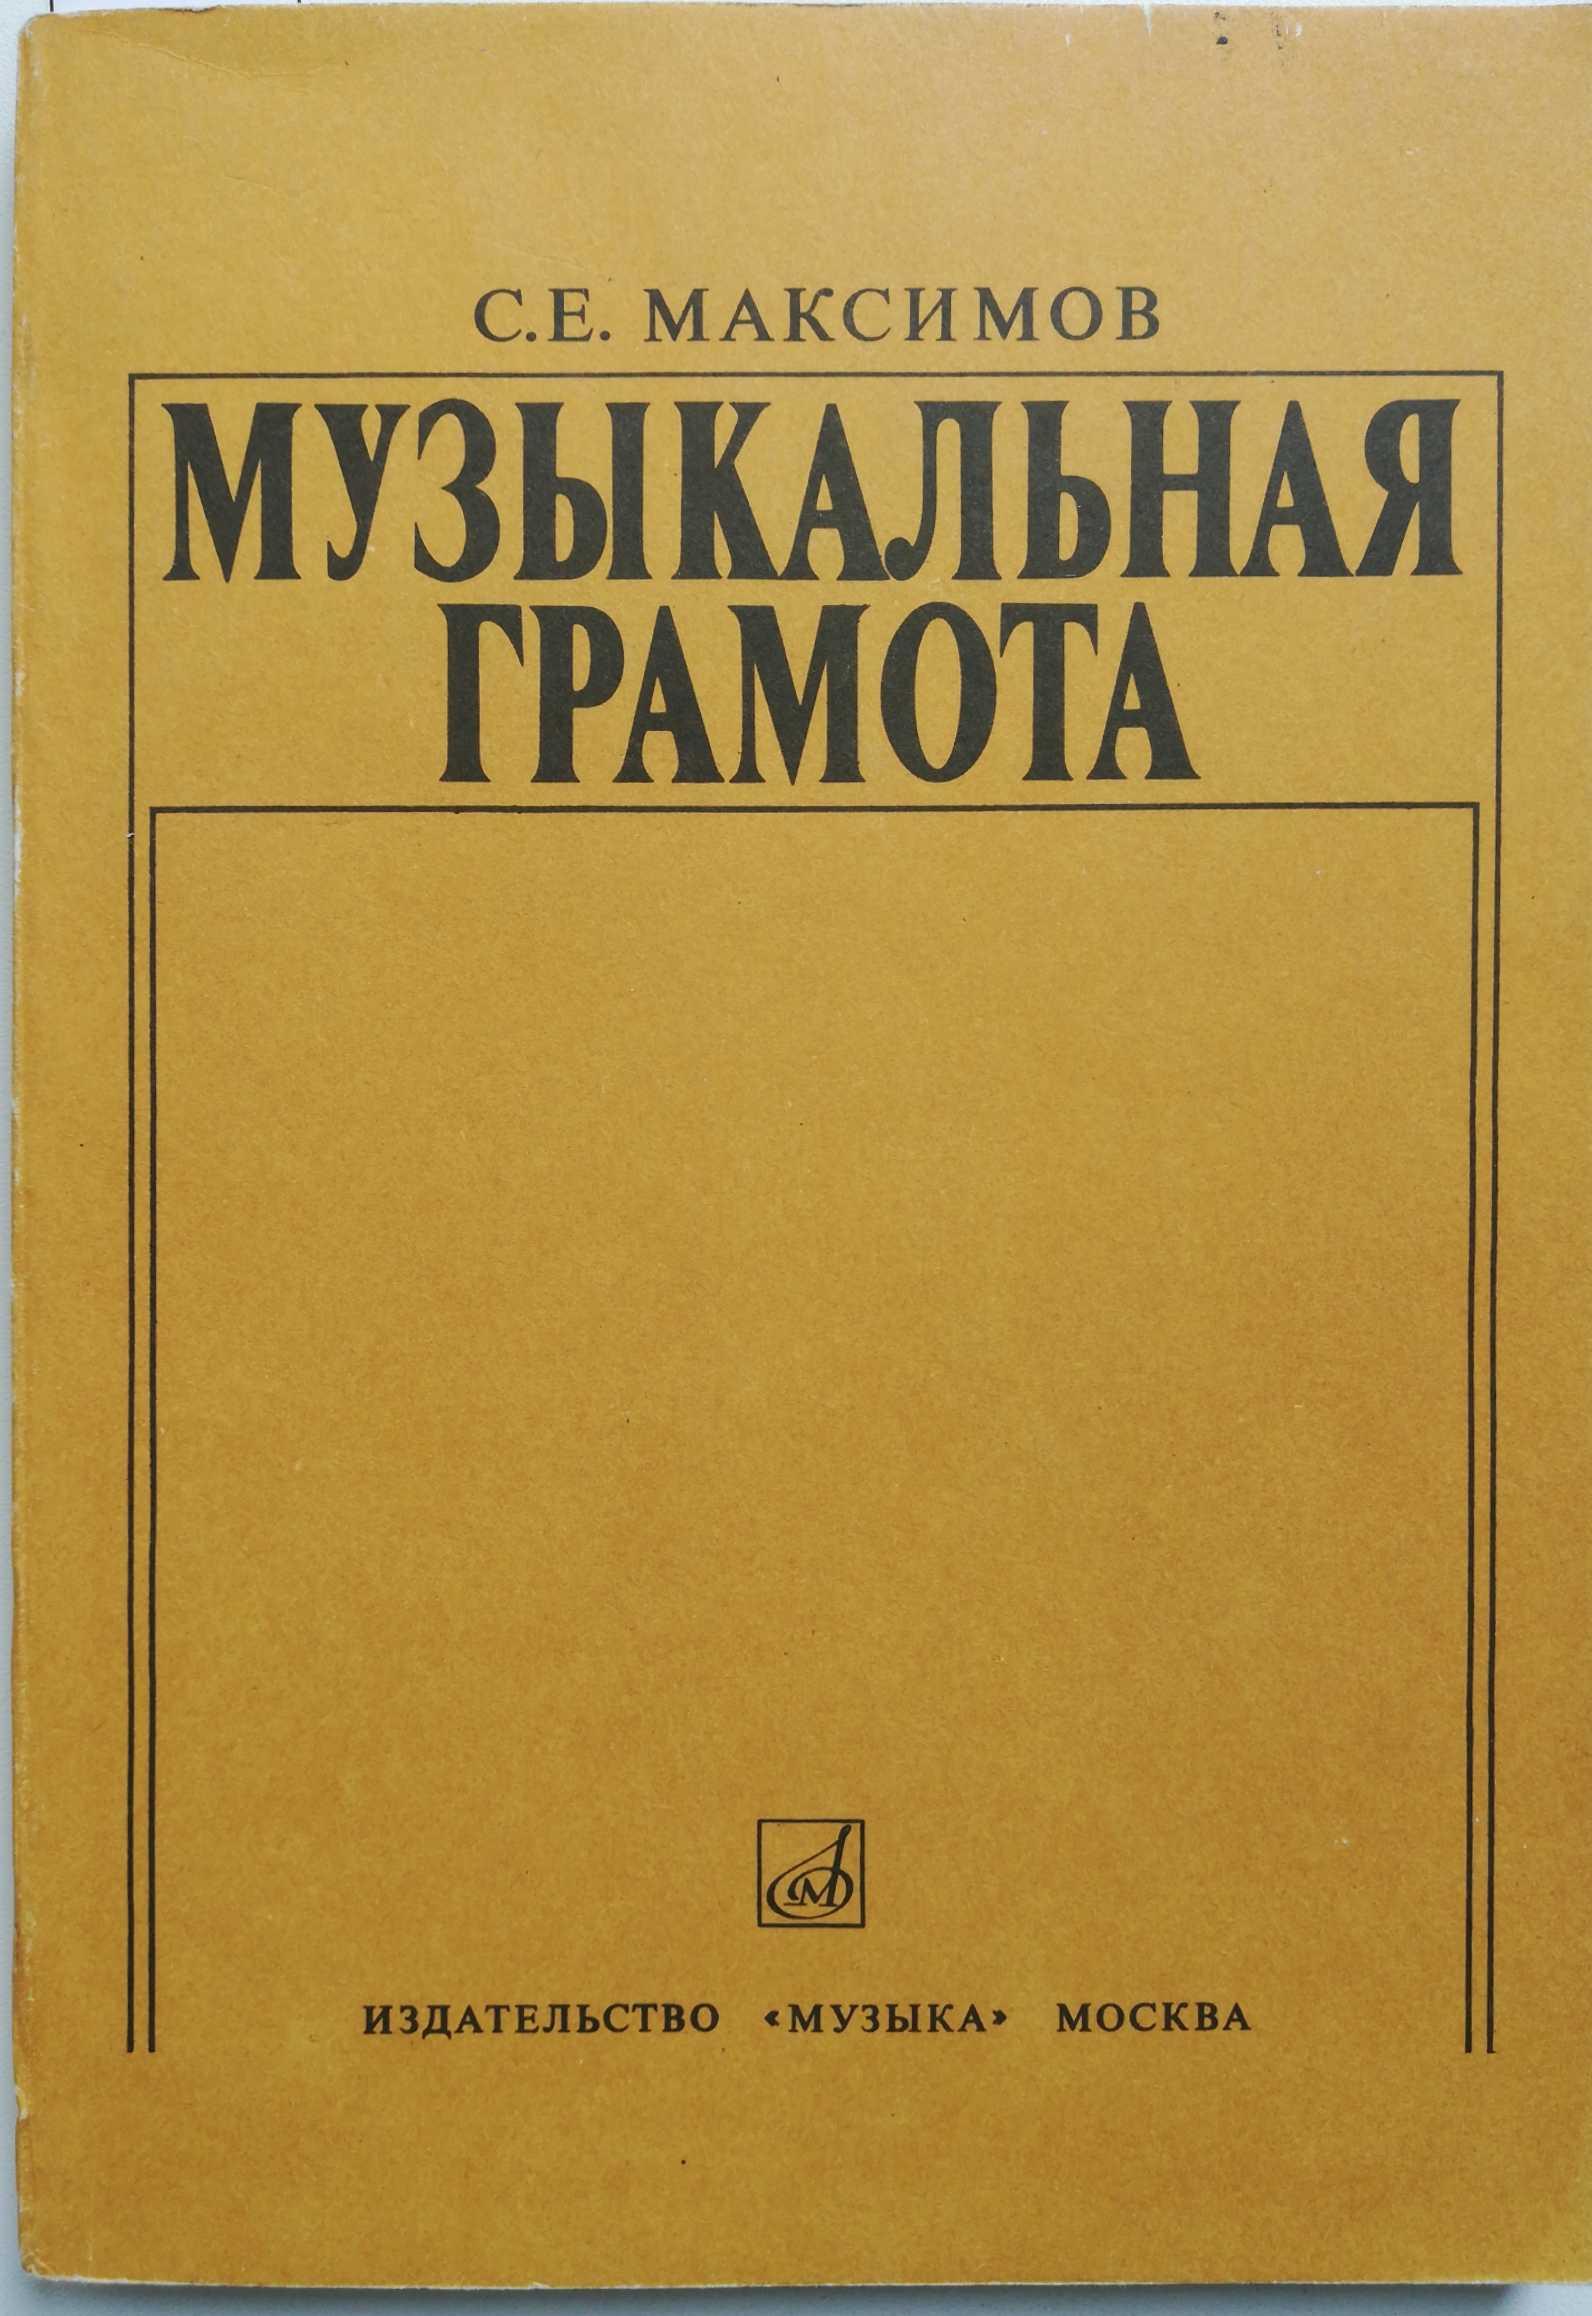 С.Е.Максимов Музыкальная грамота г фридкин практическое руководство по музыкальной грамоте учебное пособие